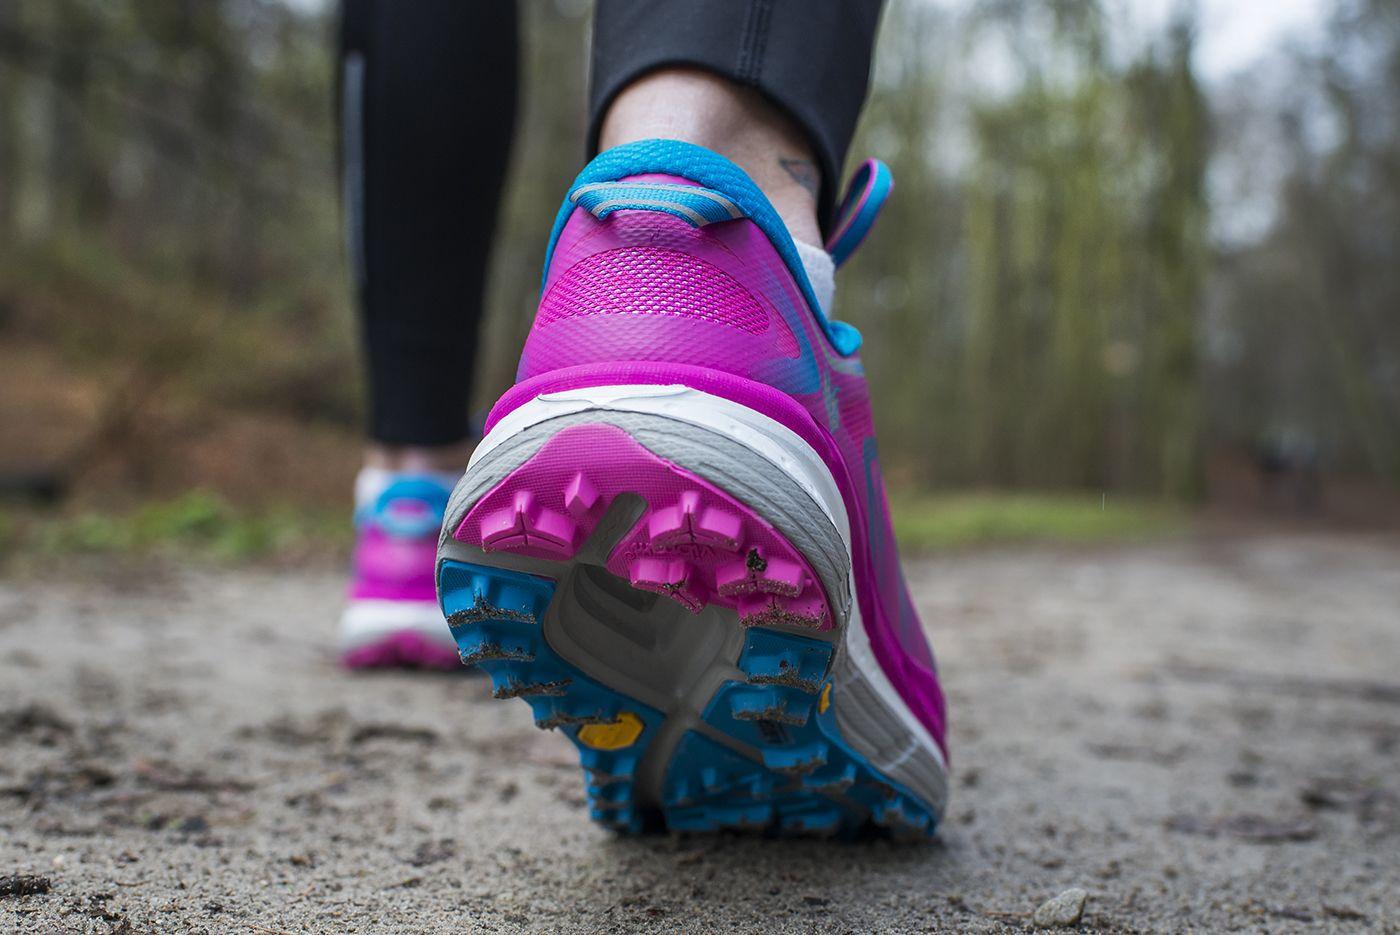 Hoka One One Speedgoat W Nowej Odslonie Dostepne Takze W Wersji Damskiej Lekkie Z Duza Dawka Amortyzacji A 5 Mm Drop Pozwala Na Swobo Shoes Bags Sandals